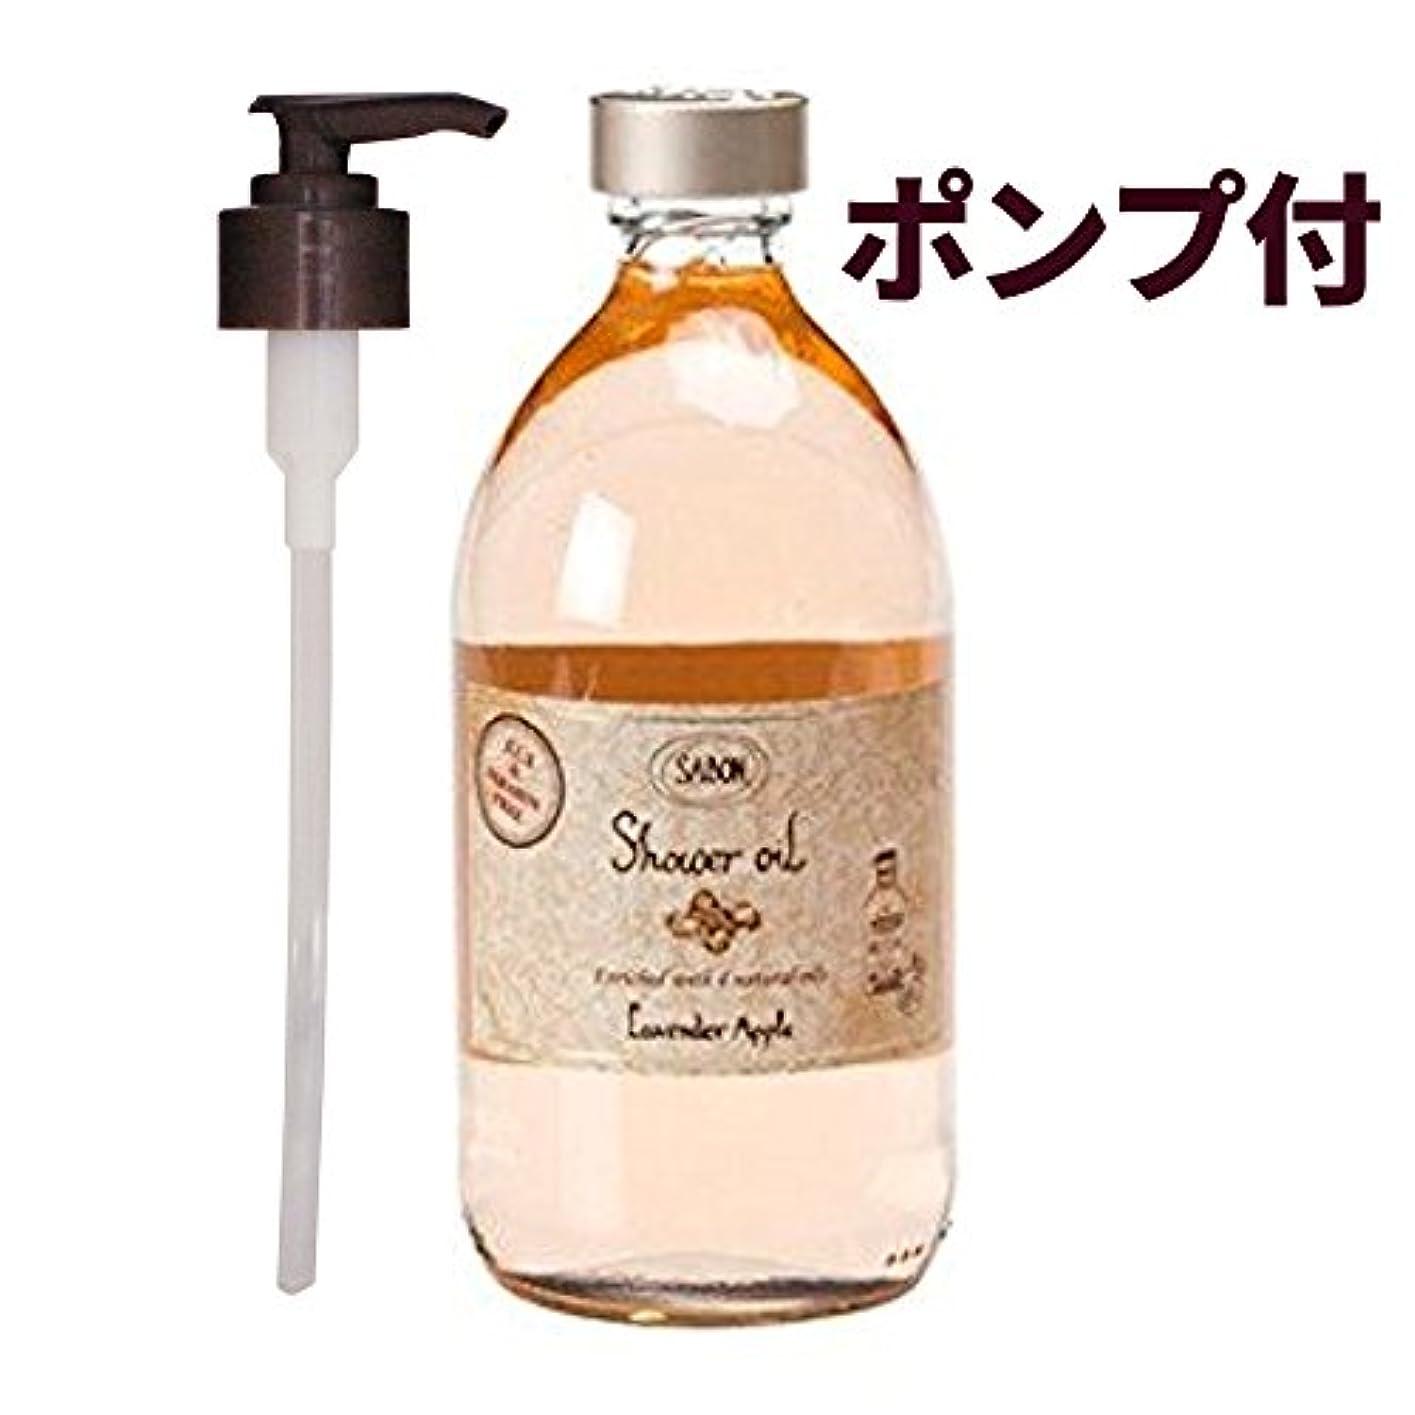 サボン-SABON- ボディソープ シャワーオイルラベンダーアップル 500ml LavenderApple :宅急便対応  ポンプ付 [並行輸入品]